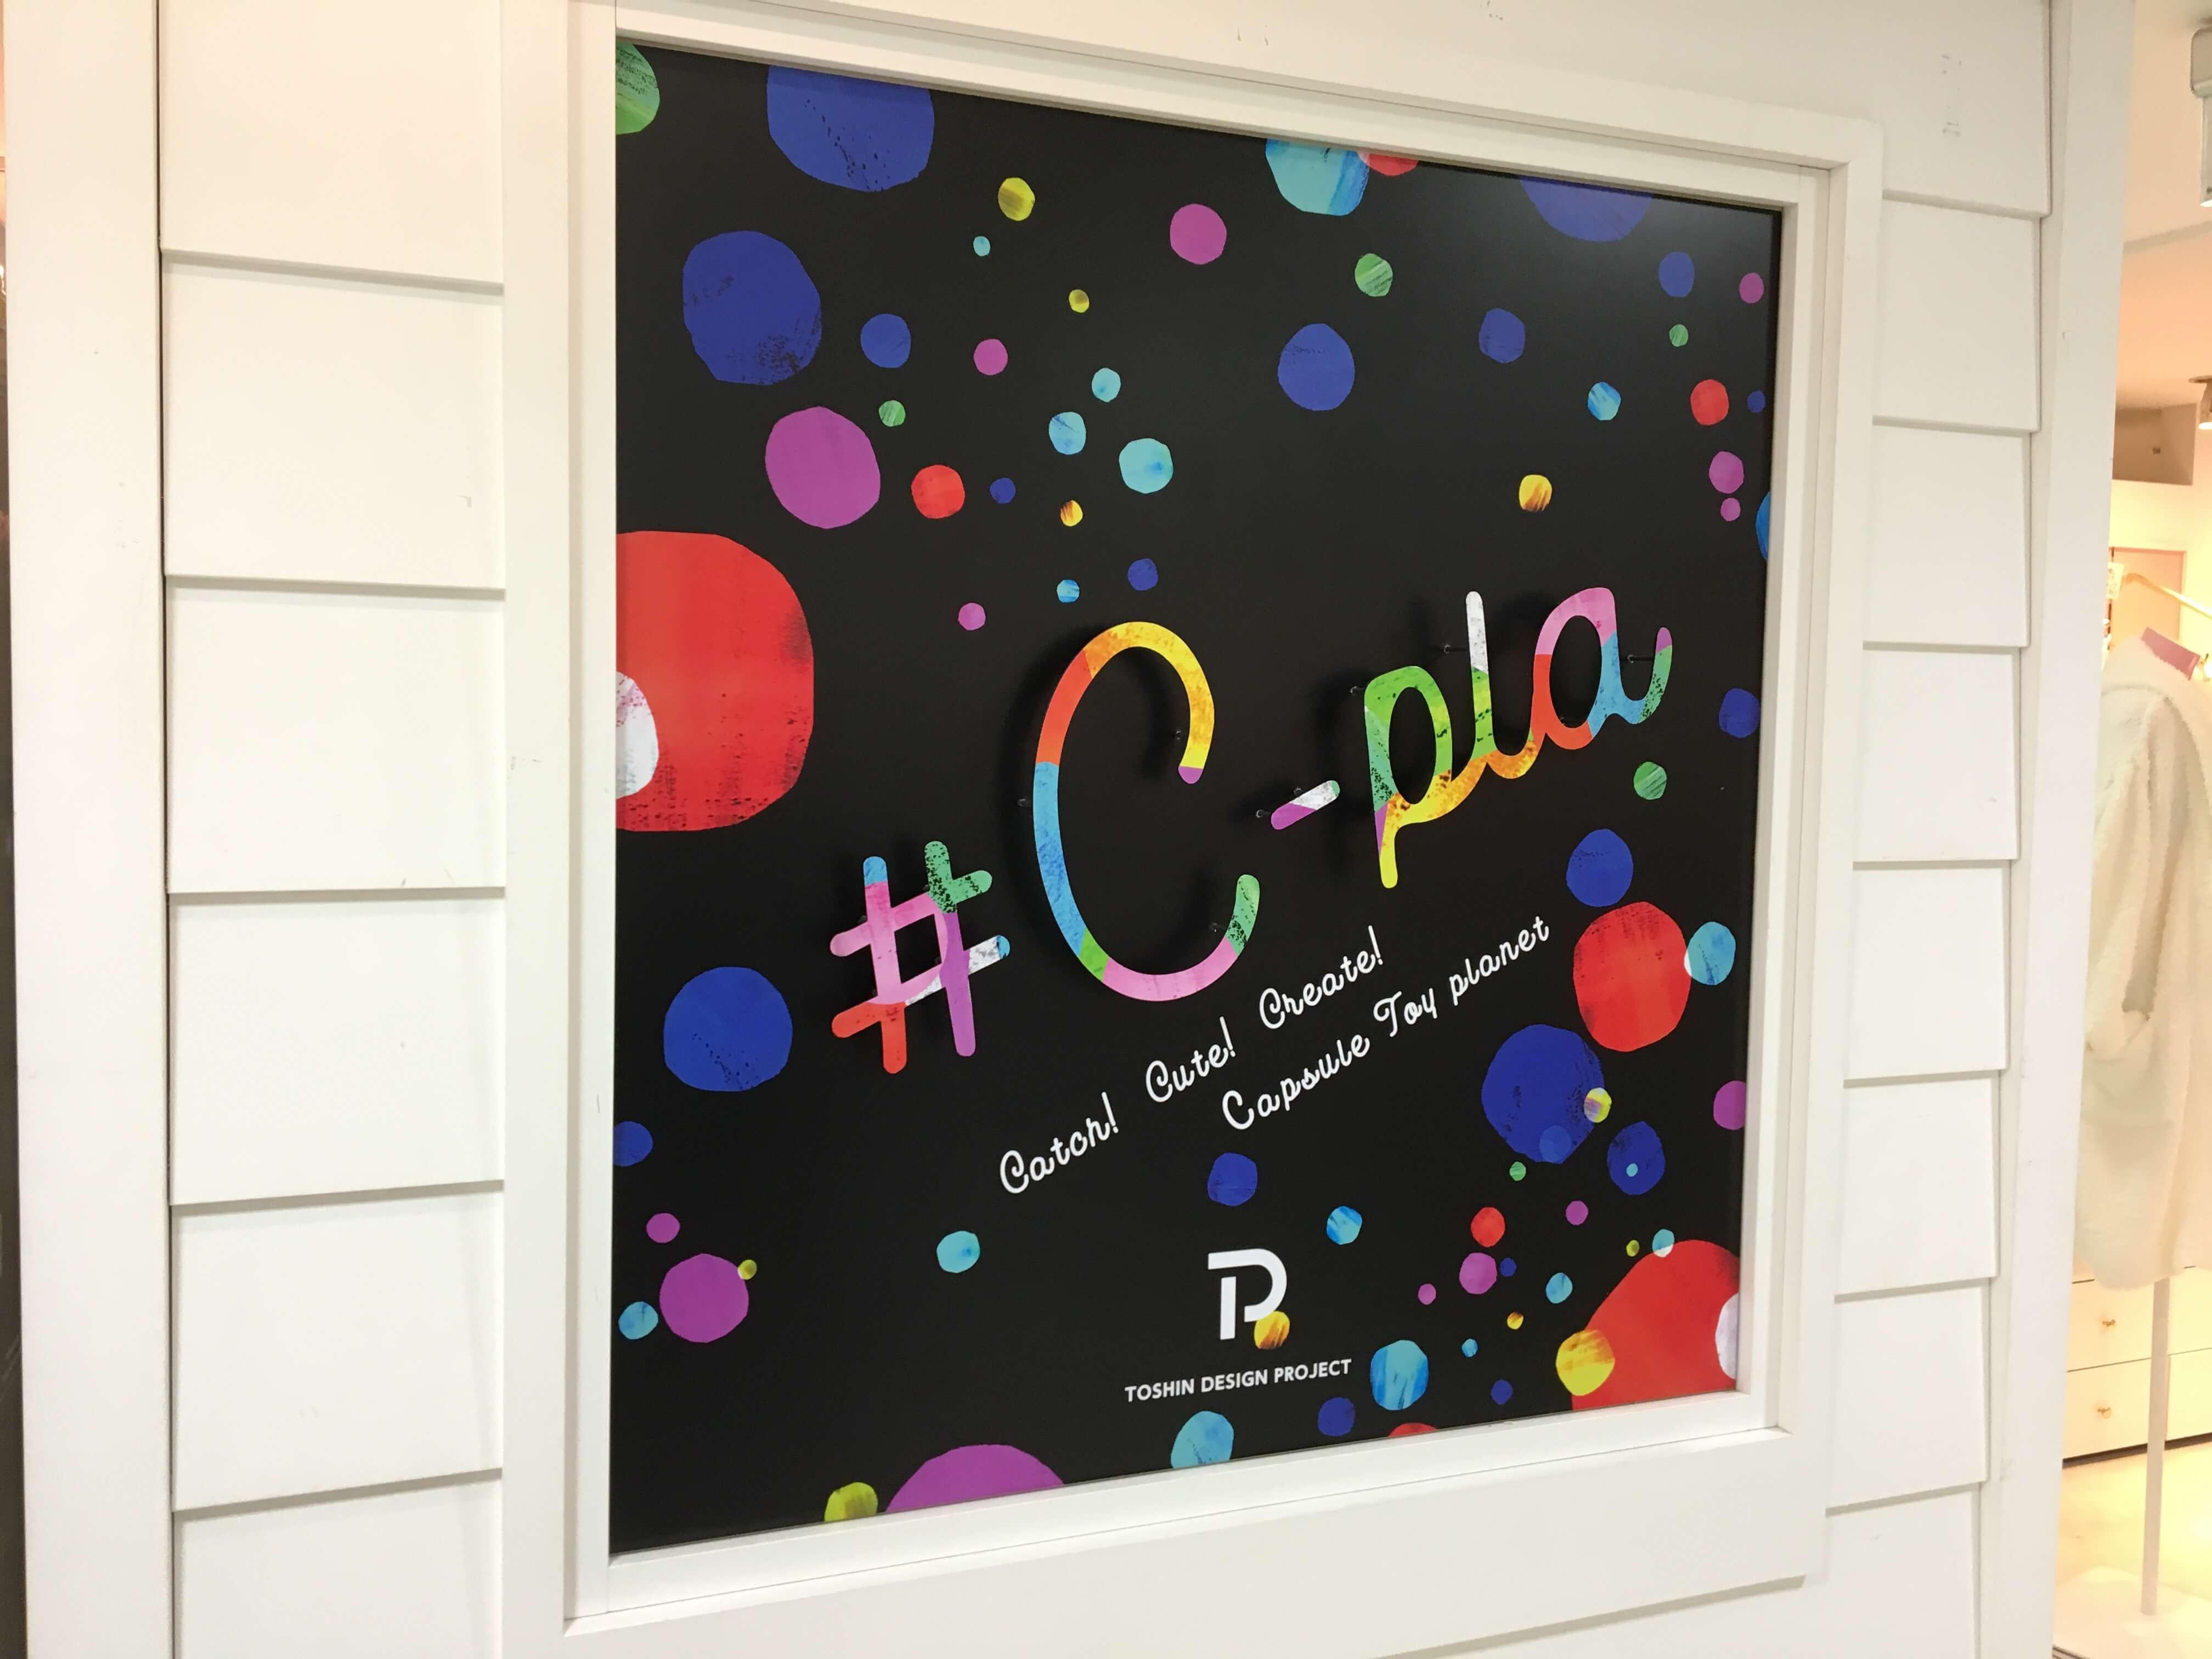 #C-plaのロゴ